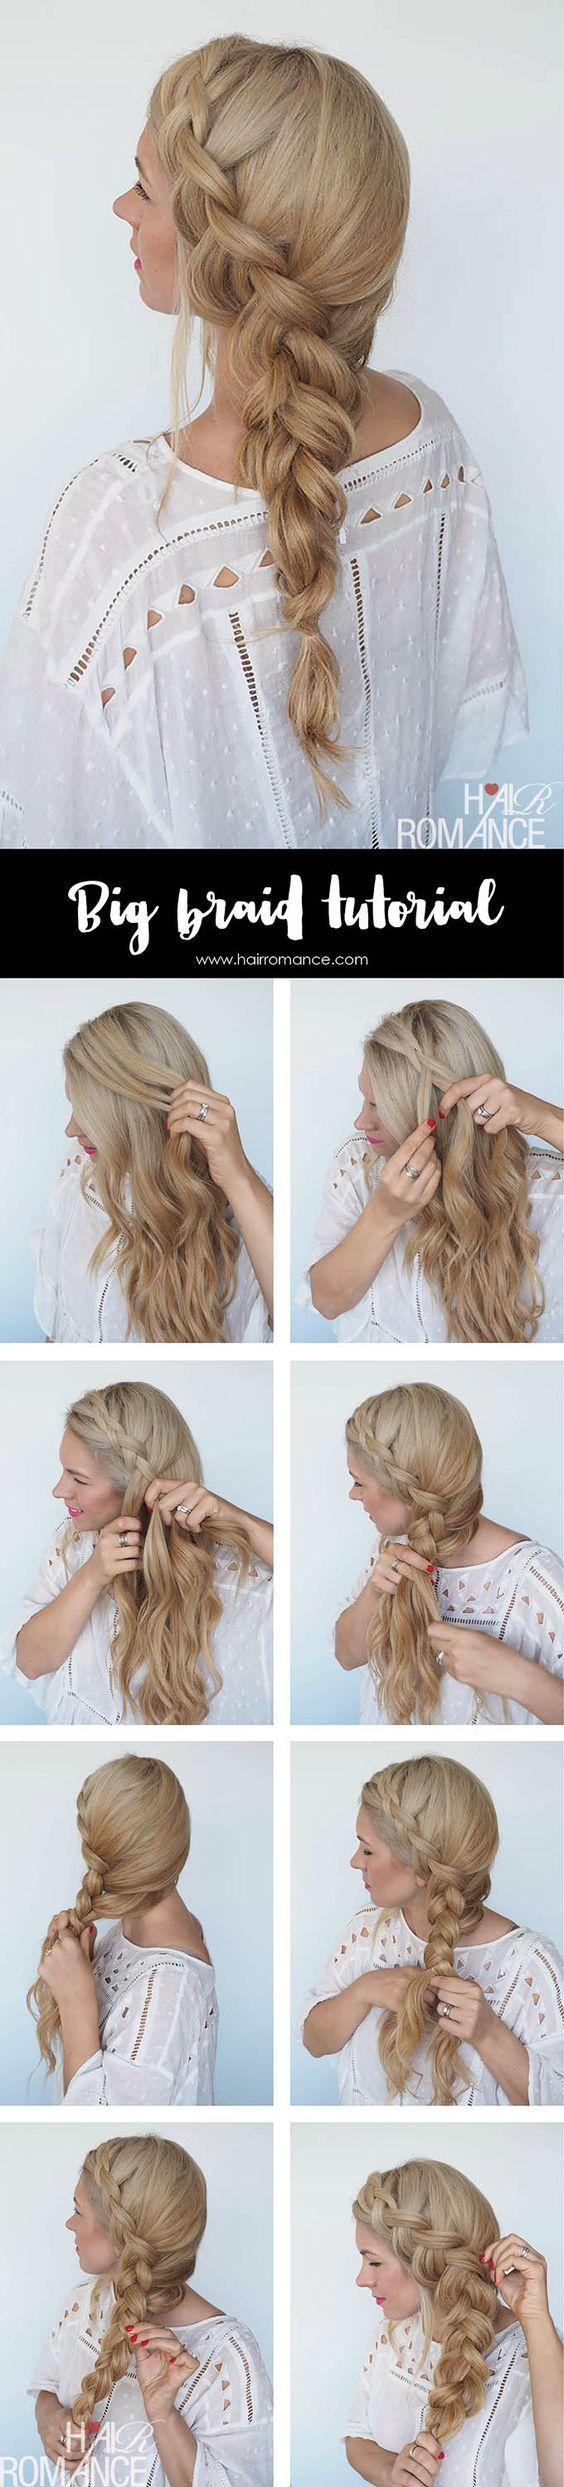 Geflochtene frisuren tutorial